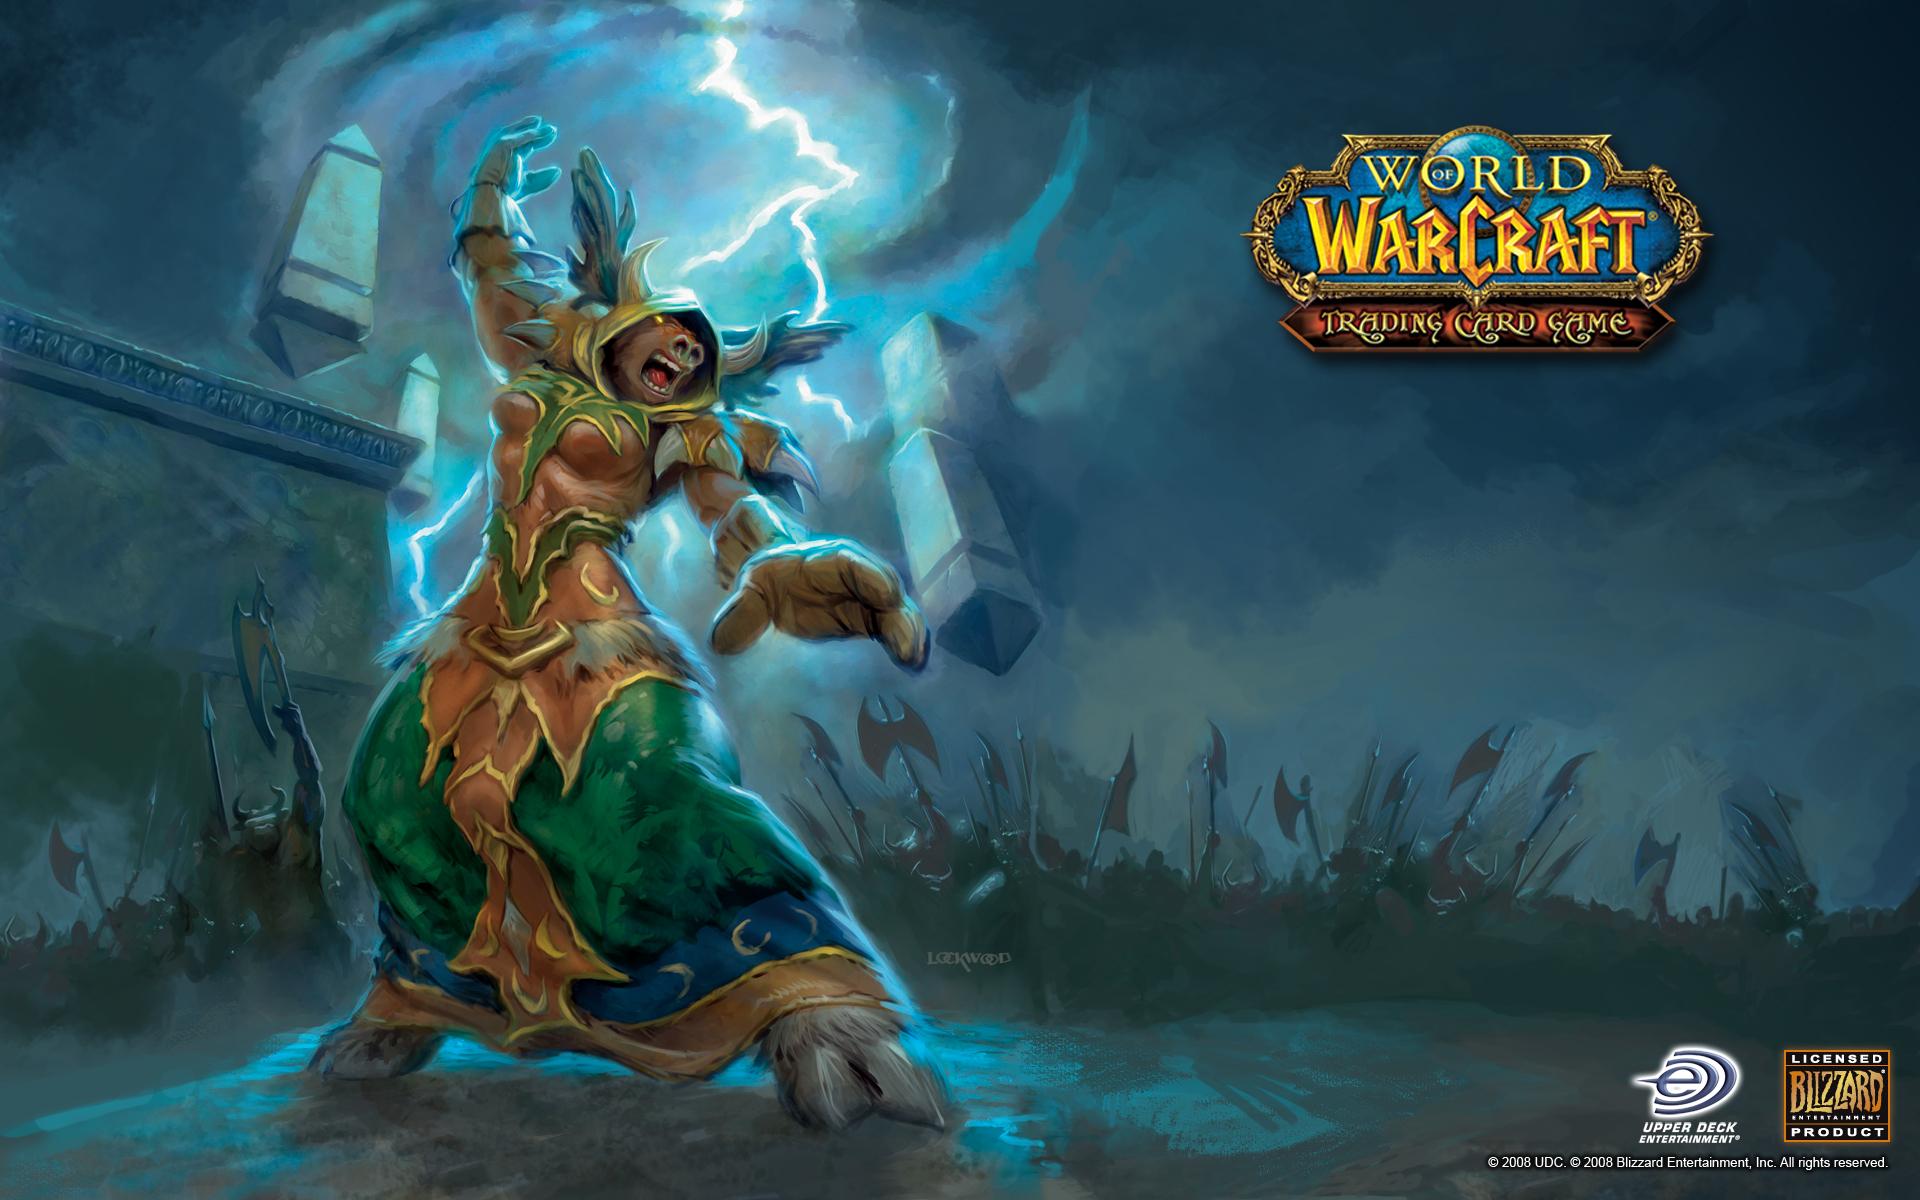 49 World Of Warcraft Druid Wallpaper On Wallpapersafari